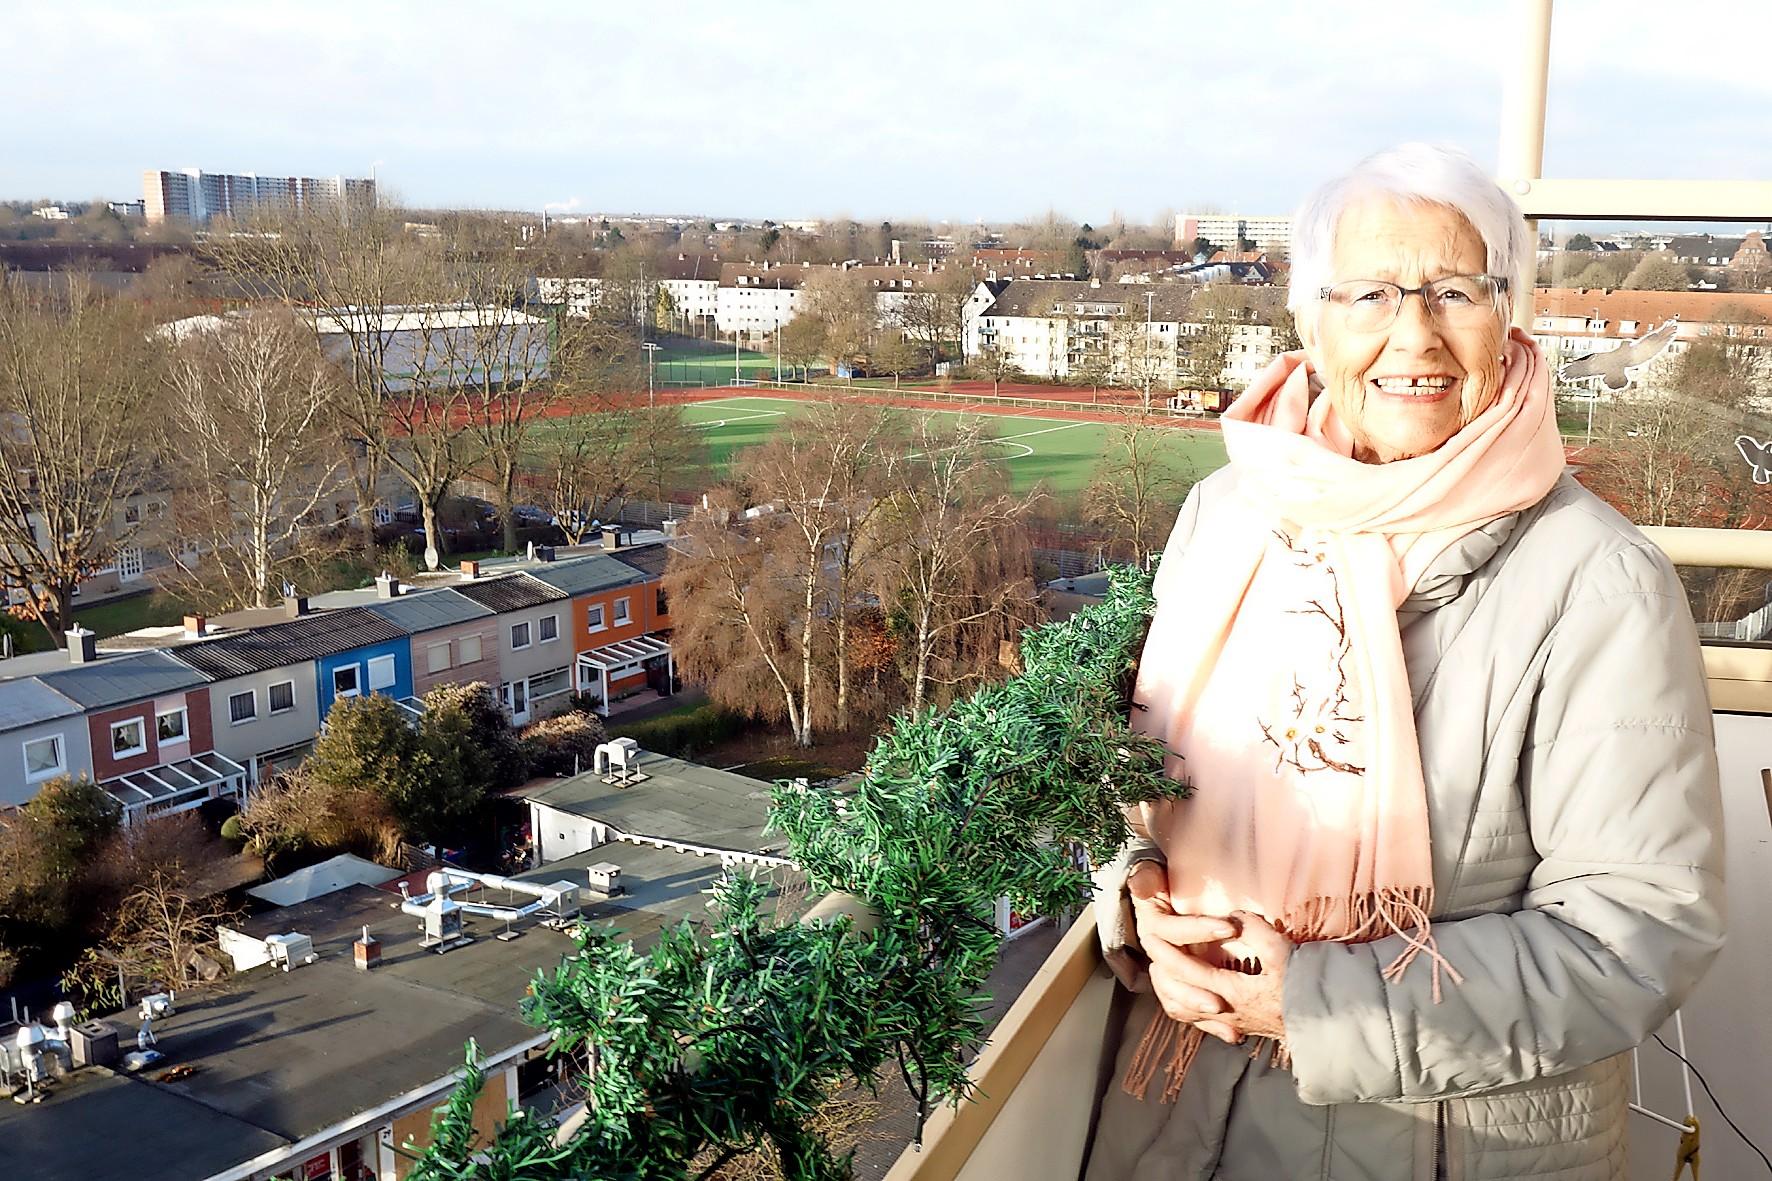 Evelin Hojenski wohnt seit 60 Jahren im oberen Stockwerk des Hochhauses im Hansering. Der Hauswirt brachte Blumenstrauß und Marzipan.